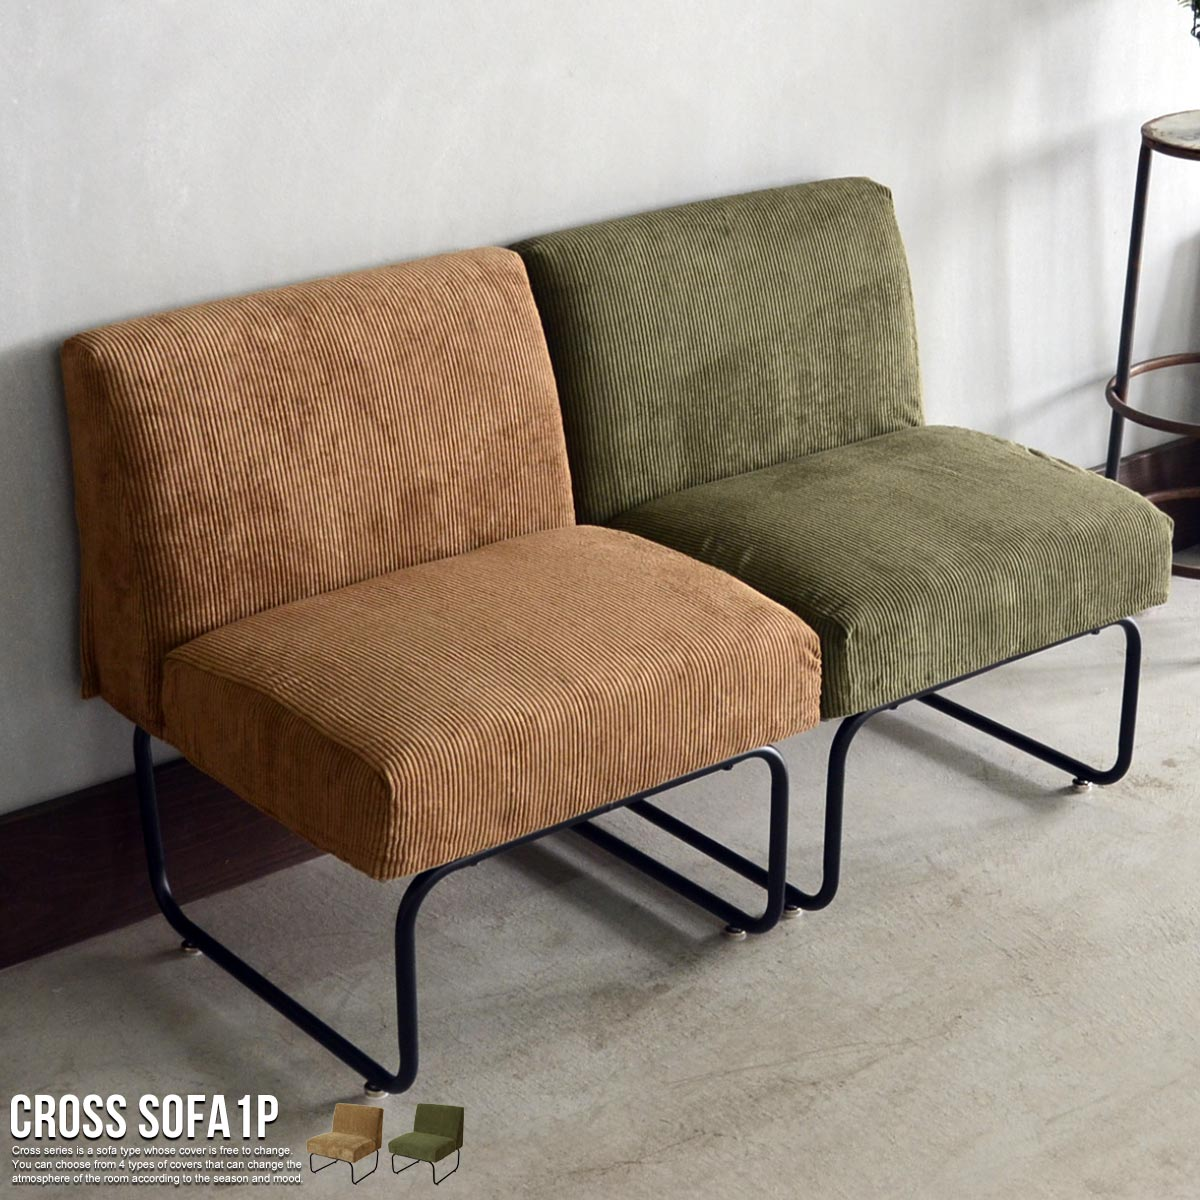 【最大1500円OFFクーポン】【あす楽】ソファ 1人掛け CROSS クロス 椅子 チェア カバー スチール パイプ シンプル ブルックリン ヴィンテージ スタイリッシュ